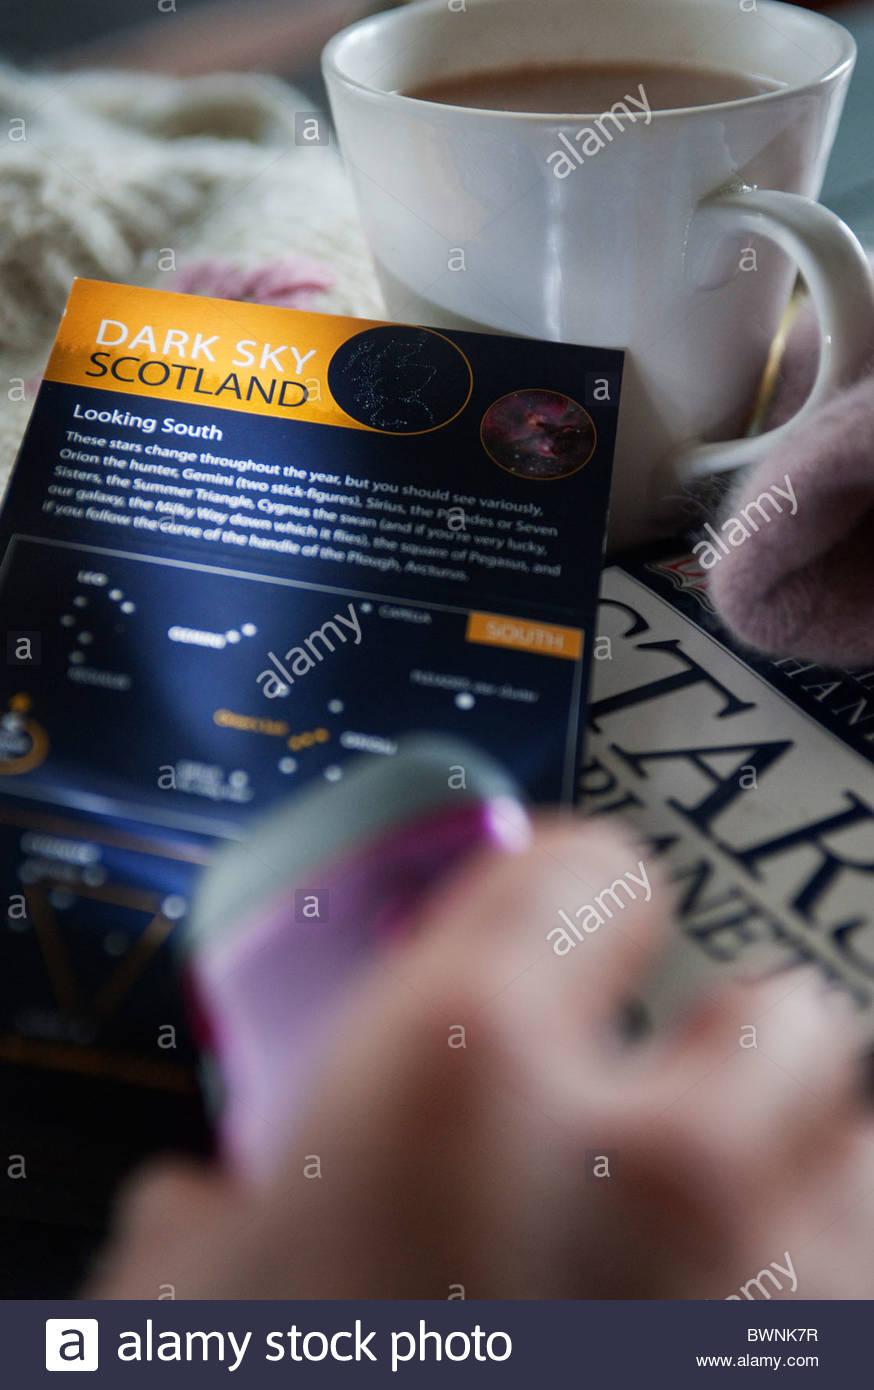 Main tenant flambeau, ciel sombre Écosse astrologie site, tasse de chocolat chaud et livre sur l'étoile. Photo Stock